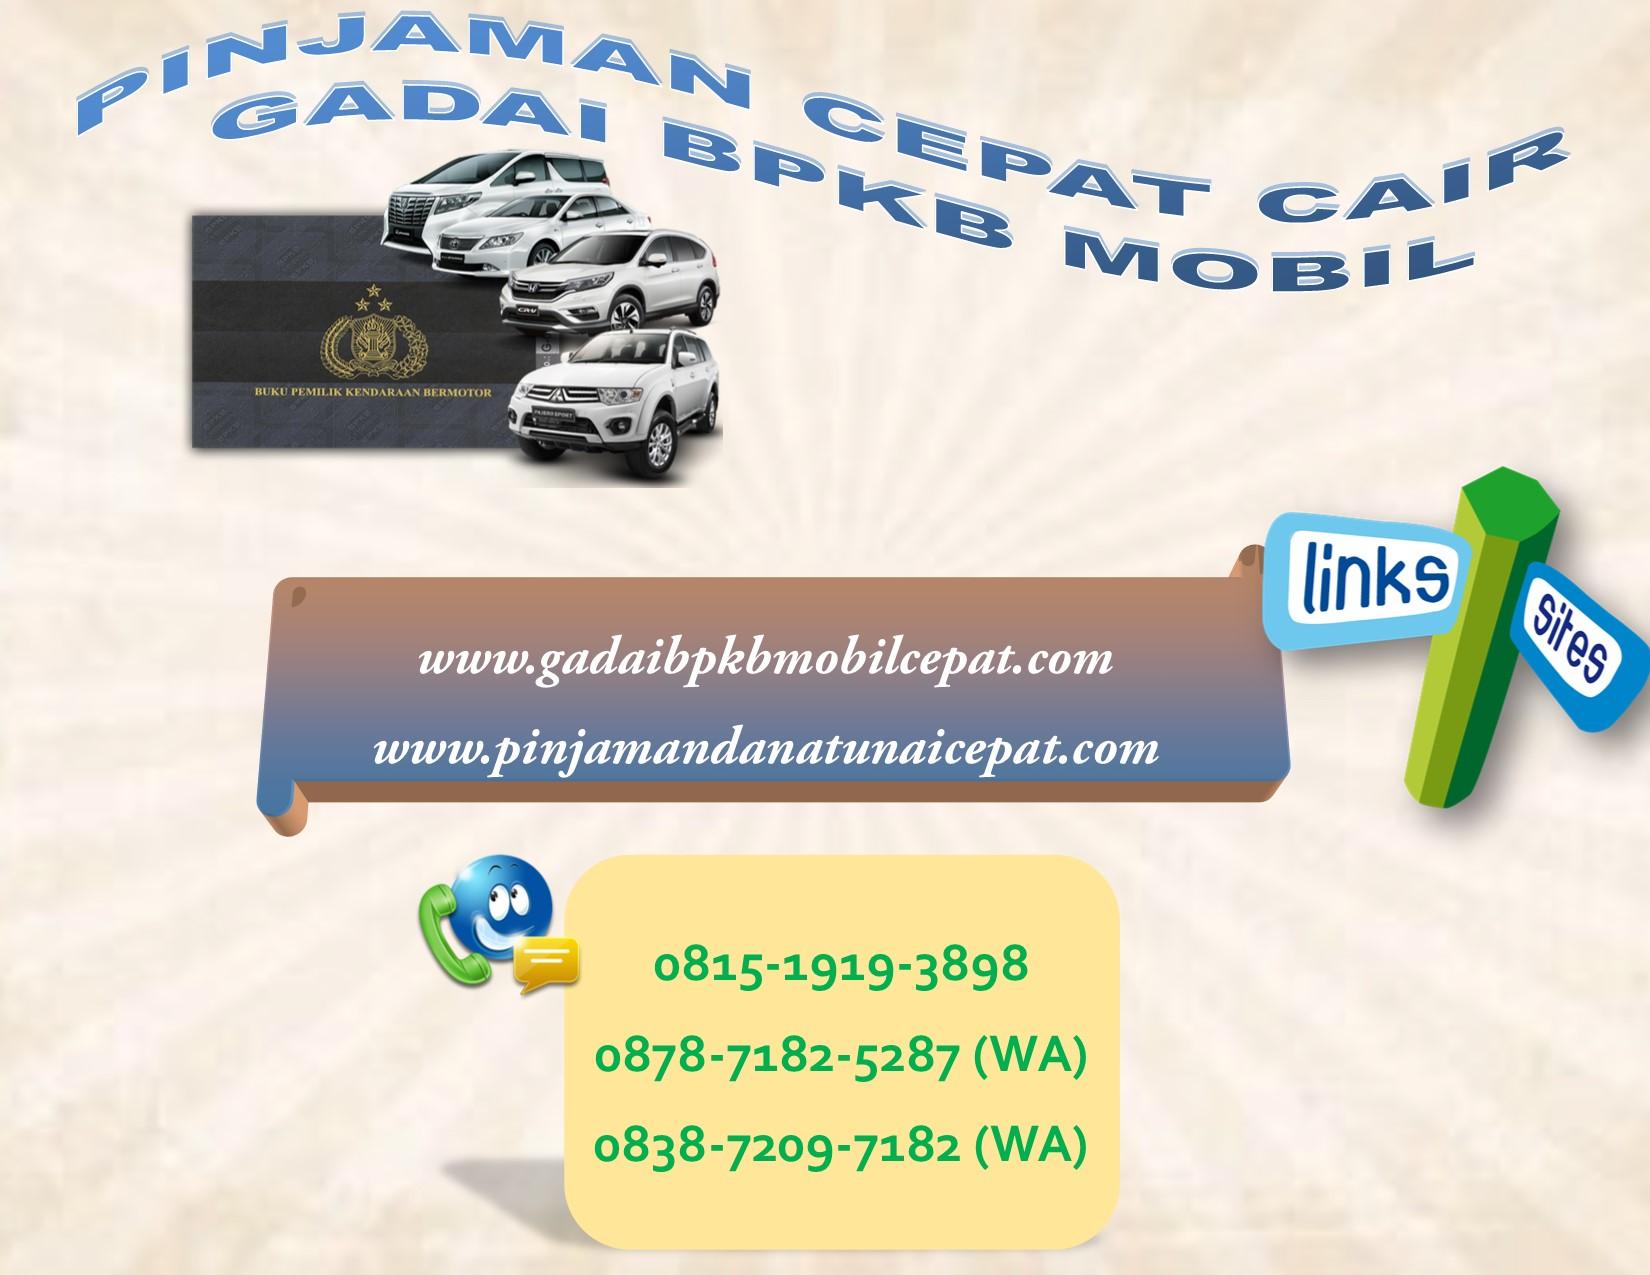 Pinjaman Cepat Cair Gadai BPKB Mobil